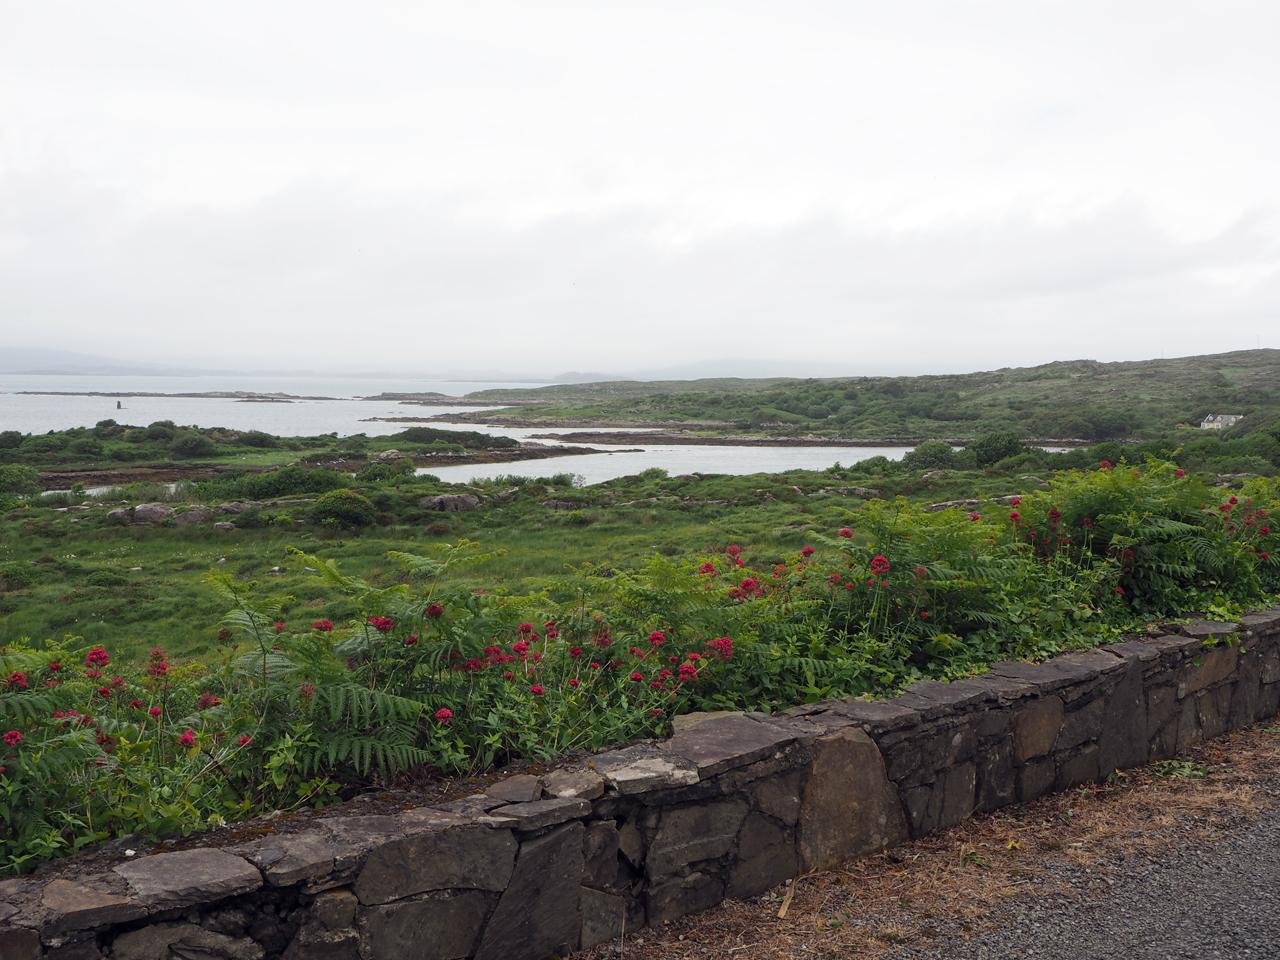 vanaf de kustweg uitzicht op de baai